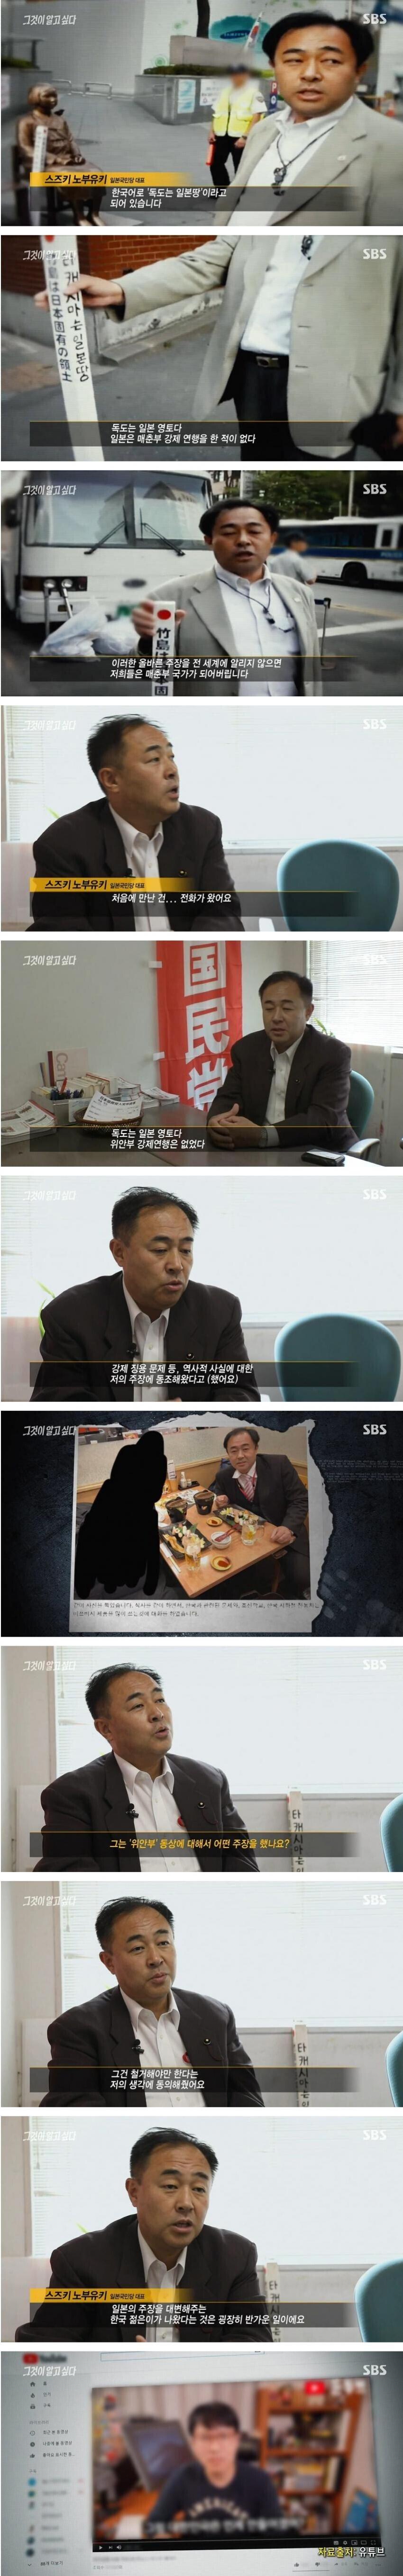 1566707576.jpg 어제자 그알에 등판한 일본인한테 칭찬받는 한국 유튜버 .jpg